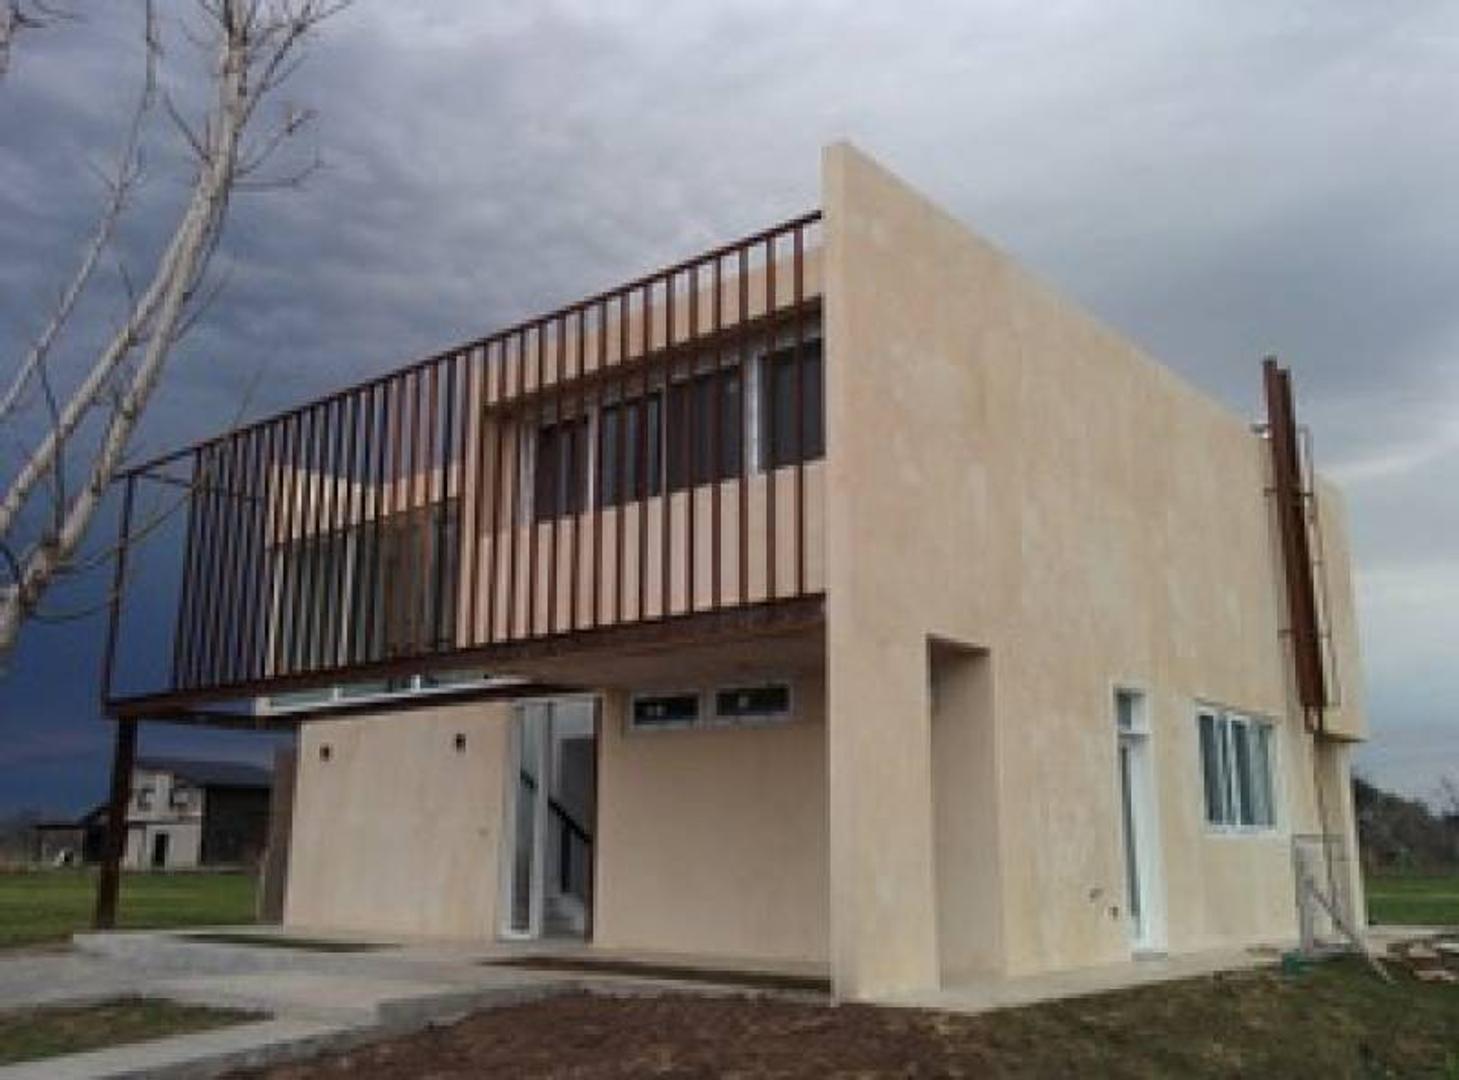 PUERTOS / Acacias 330 - Casa Sustentable